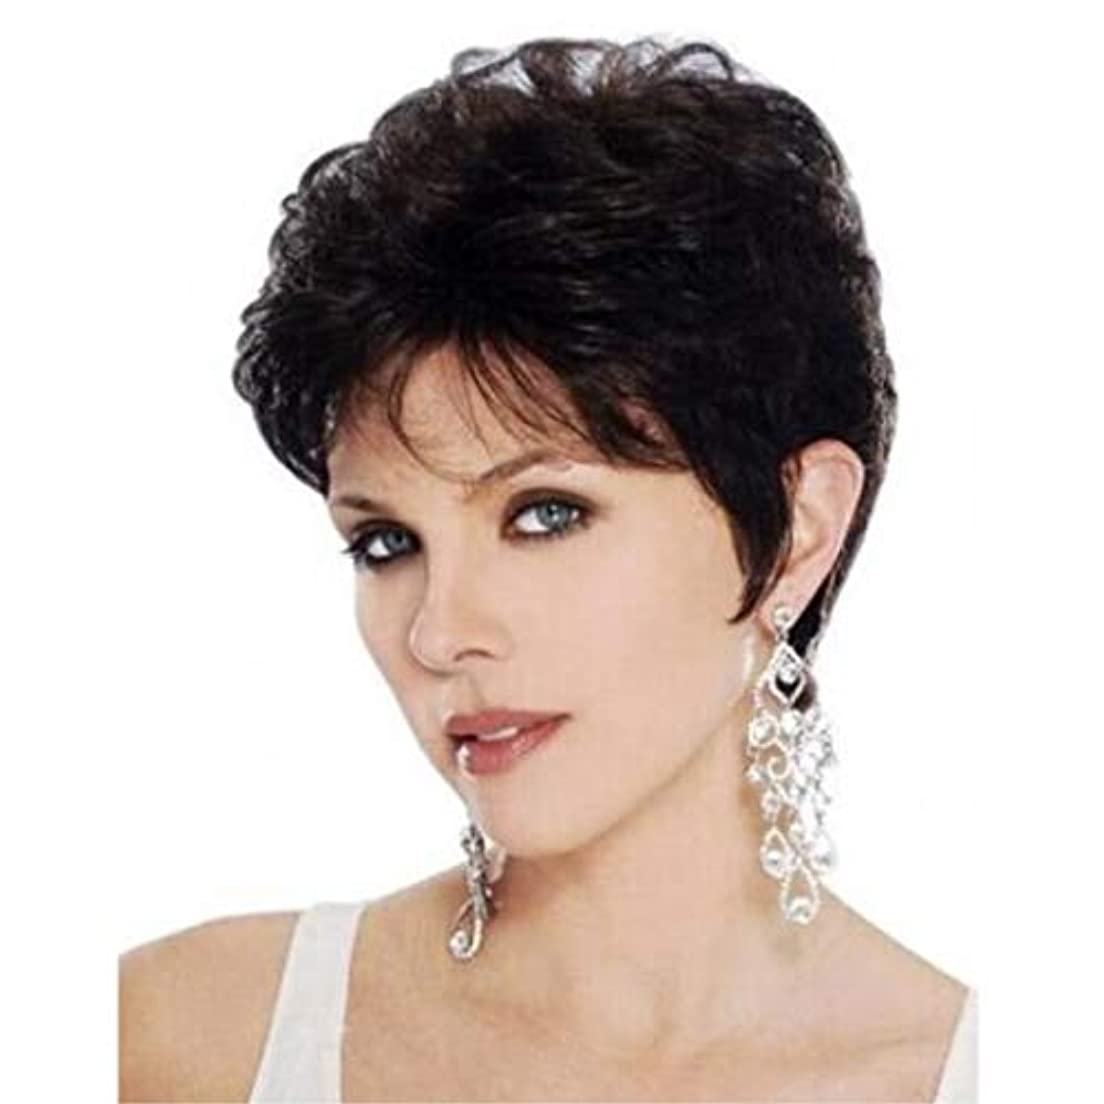 直立クランシープランターKerwinner 女性のための短い巻き毛のかつらブロンドのボブの髪かつら自然に見える耐熱合成ファッションかつら